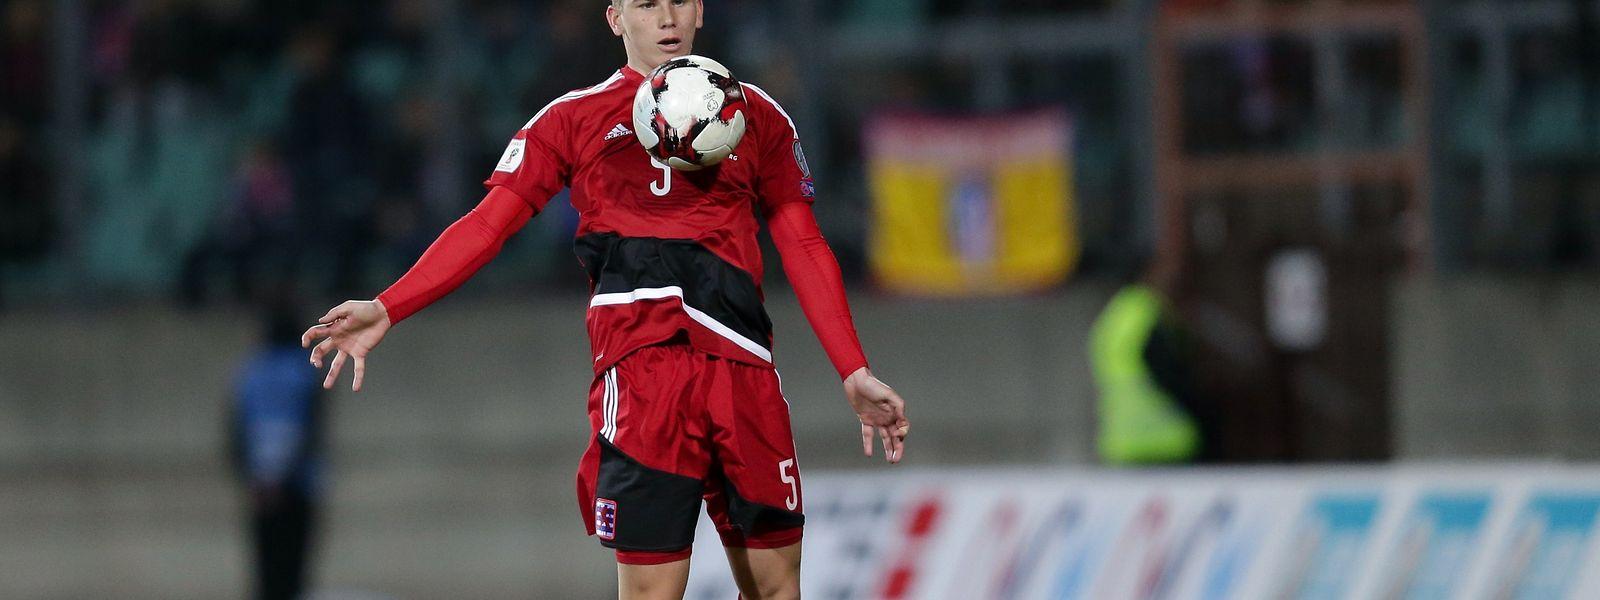 """Florian Bohnert: """"Bis auf die Duelle mit Nigeria und den Kapverden habe ich starke Leistungen gezeigt."""""""